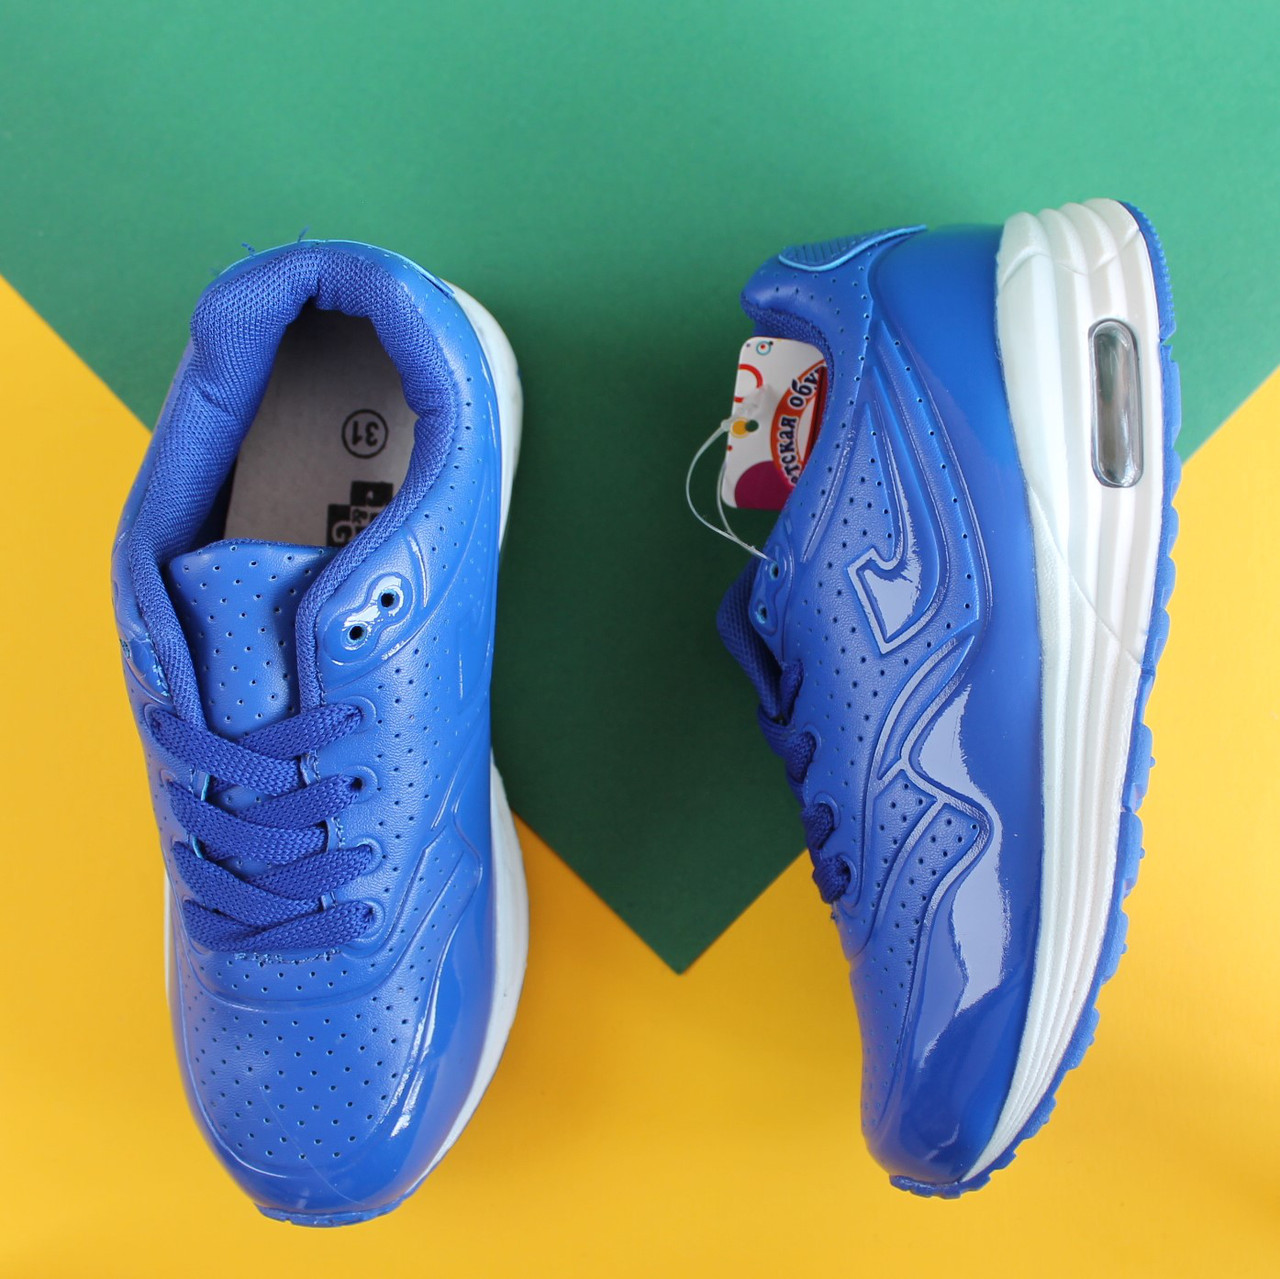 Синие кроссовки Аир Макс на мальчика детская спортивная обувь AIR MAX тм JG р.31,33